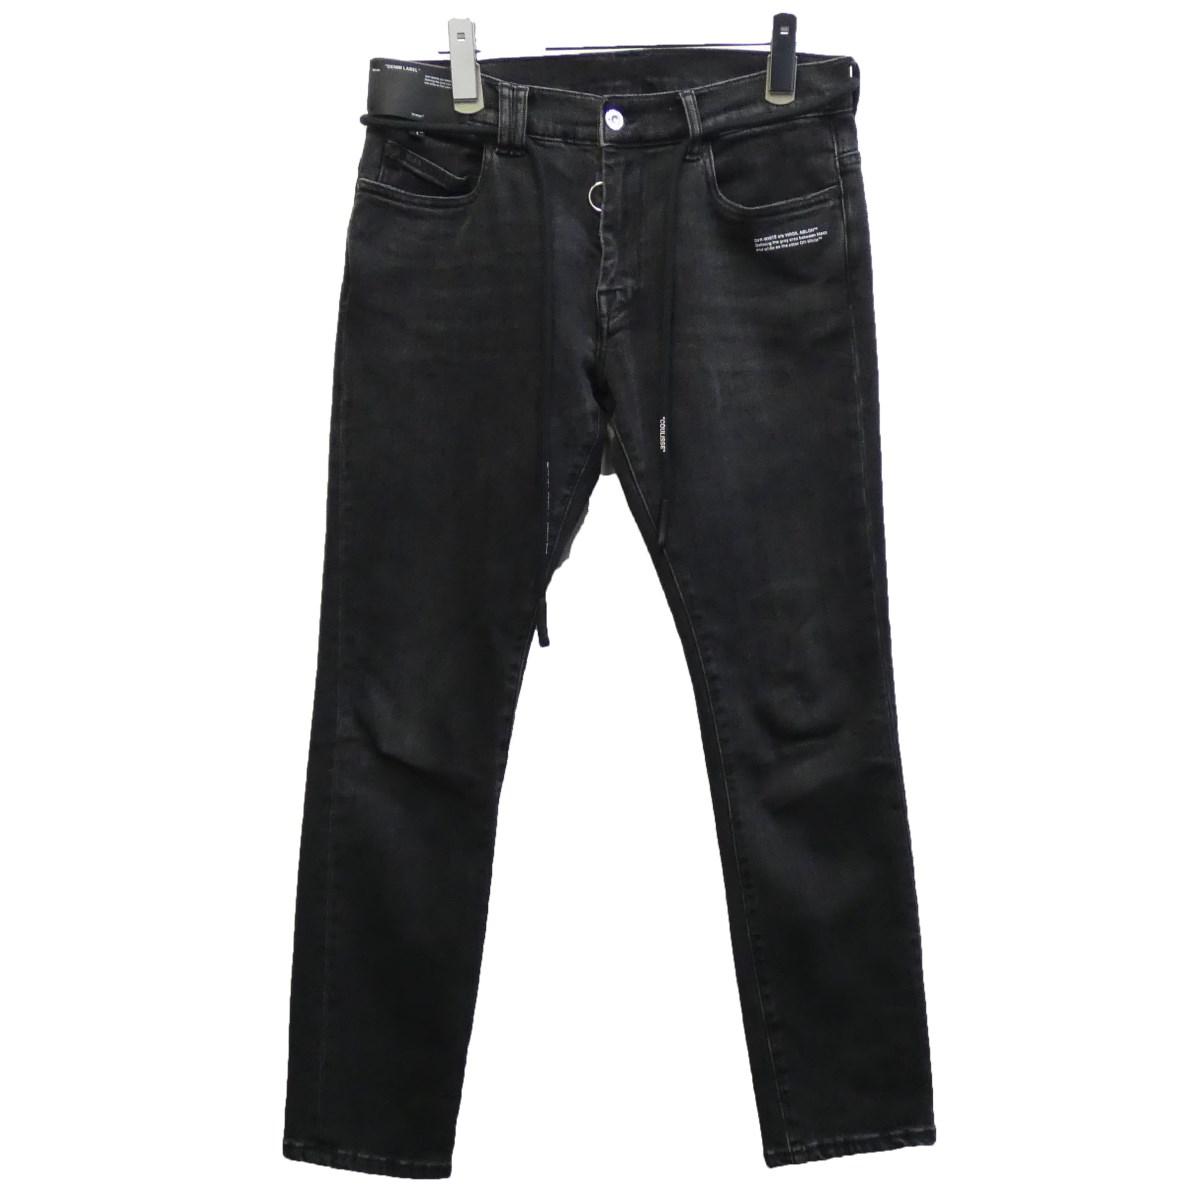 【中古】OFFWHITE 2019SS ポケットバイアスドローコードデニムパンツ ブラック サイズ:30 【080320】(オフホワイト)